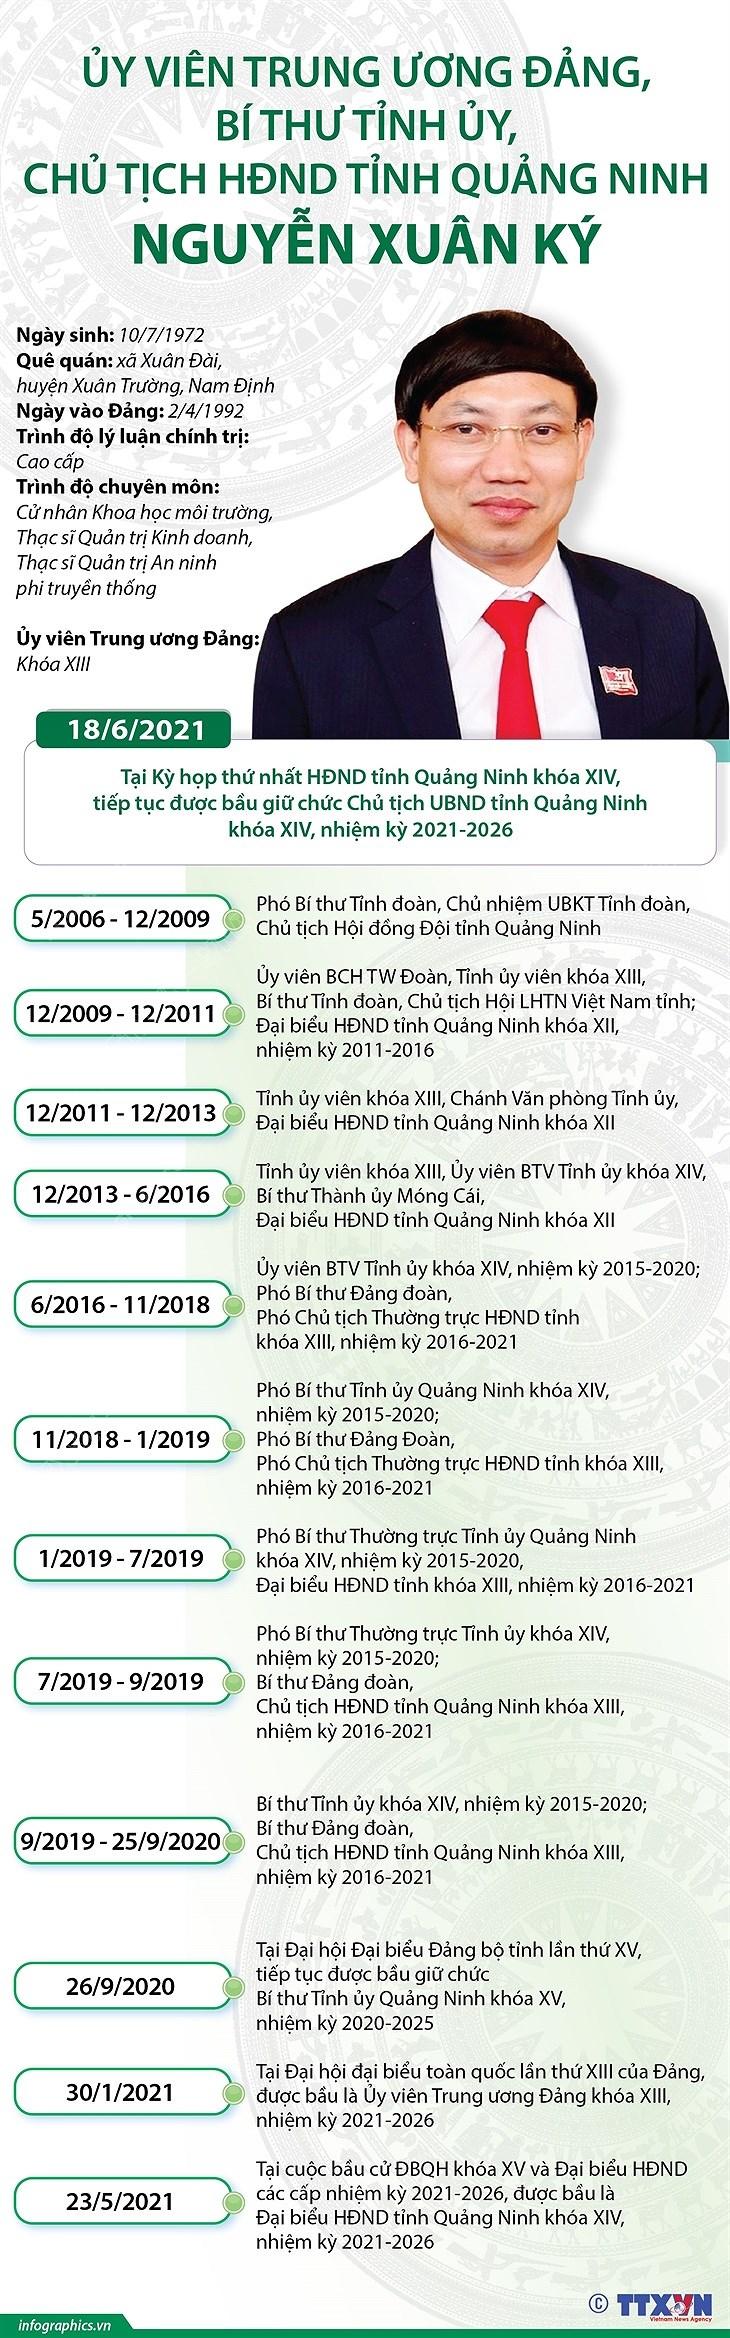 Bi thu Tinh uy, Chu tich HDND tinh Quang Ninh Nguyen Xuan Ky hinh anh 1